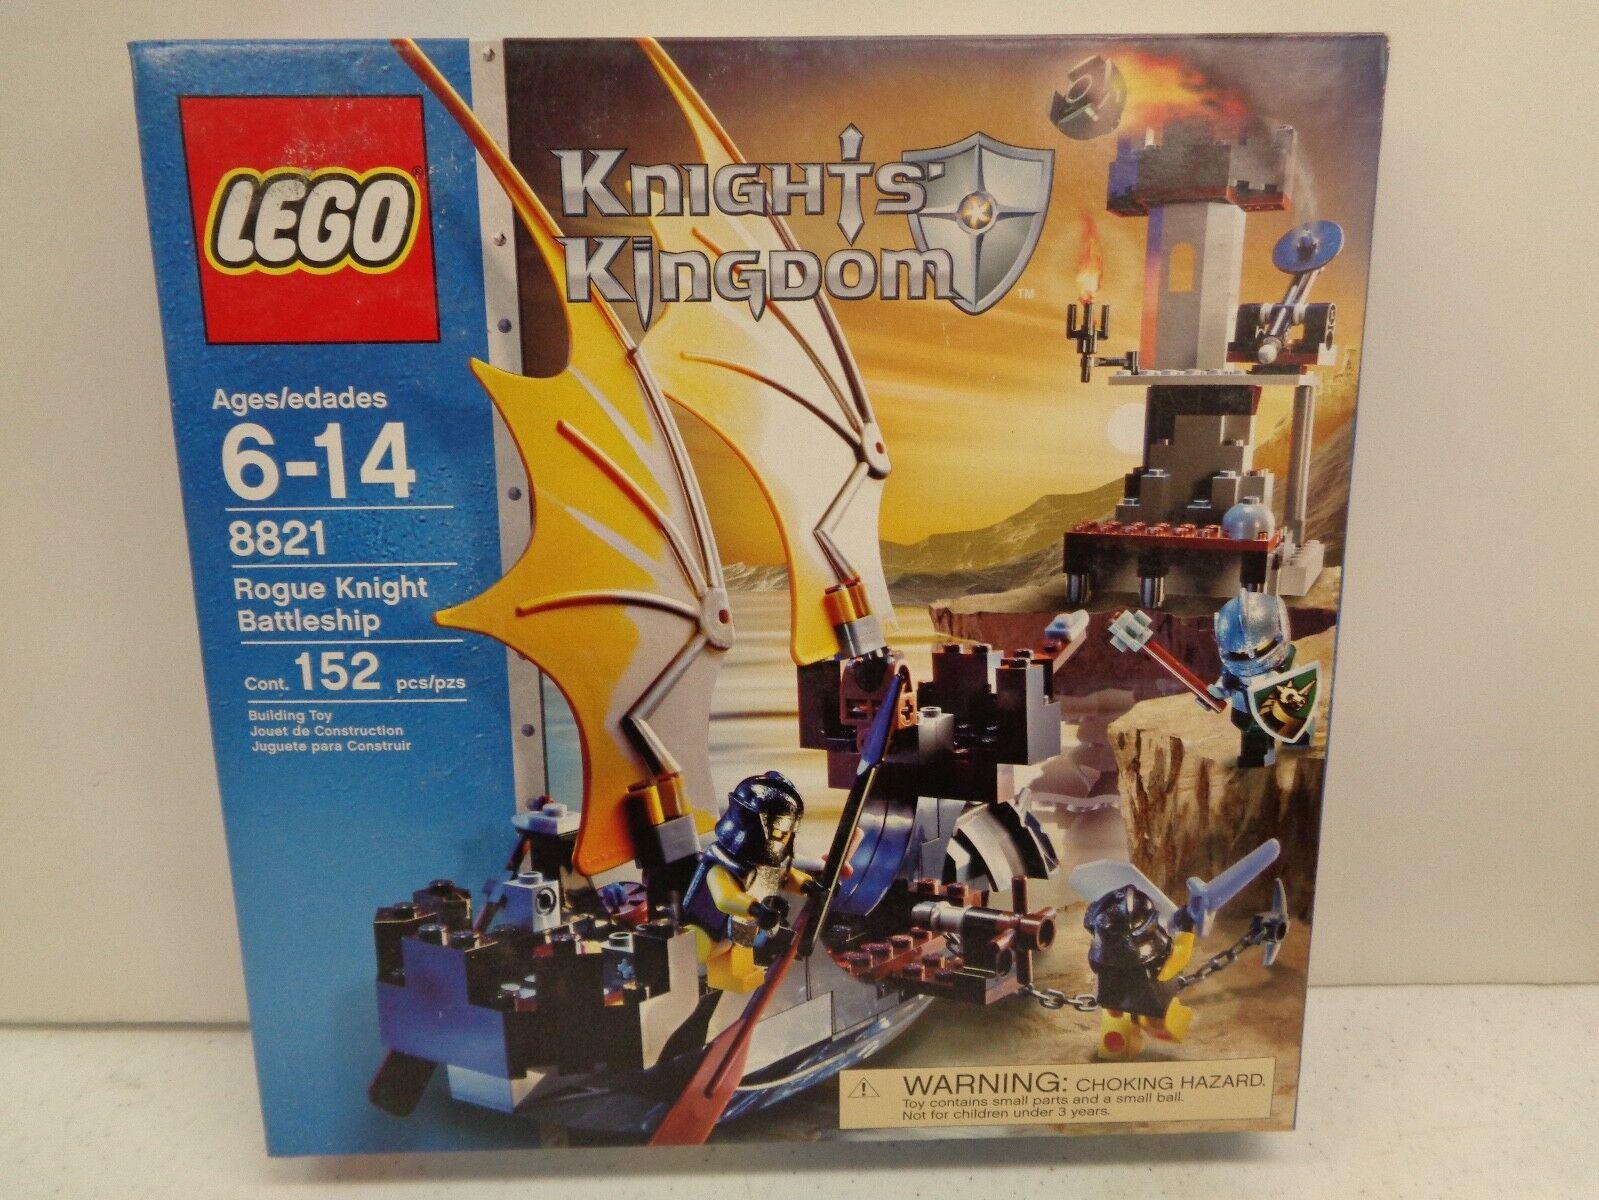 Lego Knight's Kingdom Rogue Caballero ACORAZADO edificio de Juguete de 8821 6-14 años, 152 PC